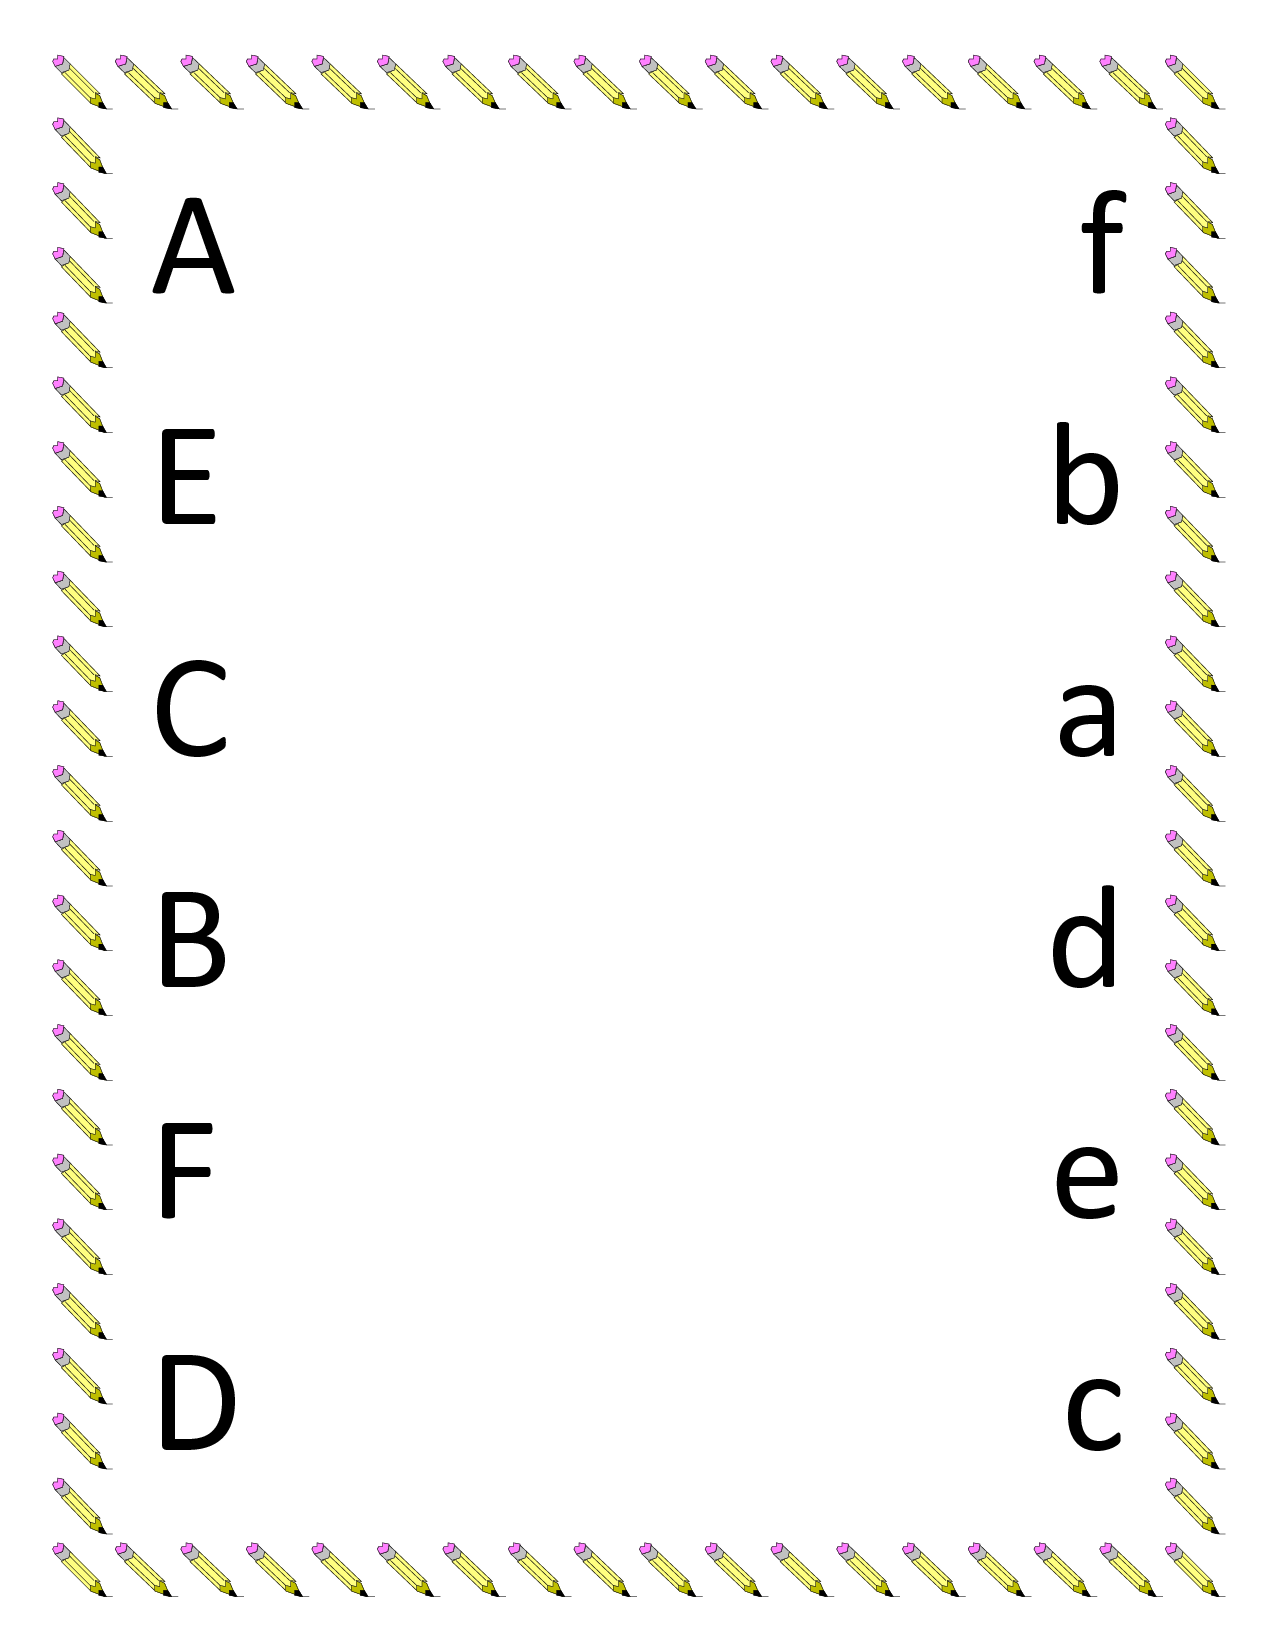 worksheet Free Printable Preschool Worksheets free printable homework sheets preschool worksheets coloring pages miss kindergarten pinterest pinterest